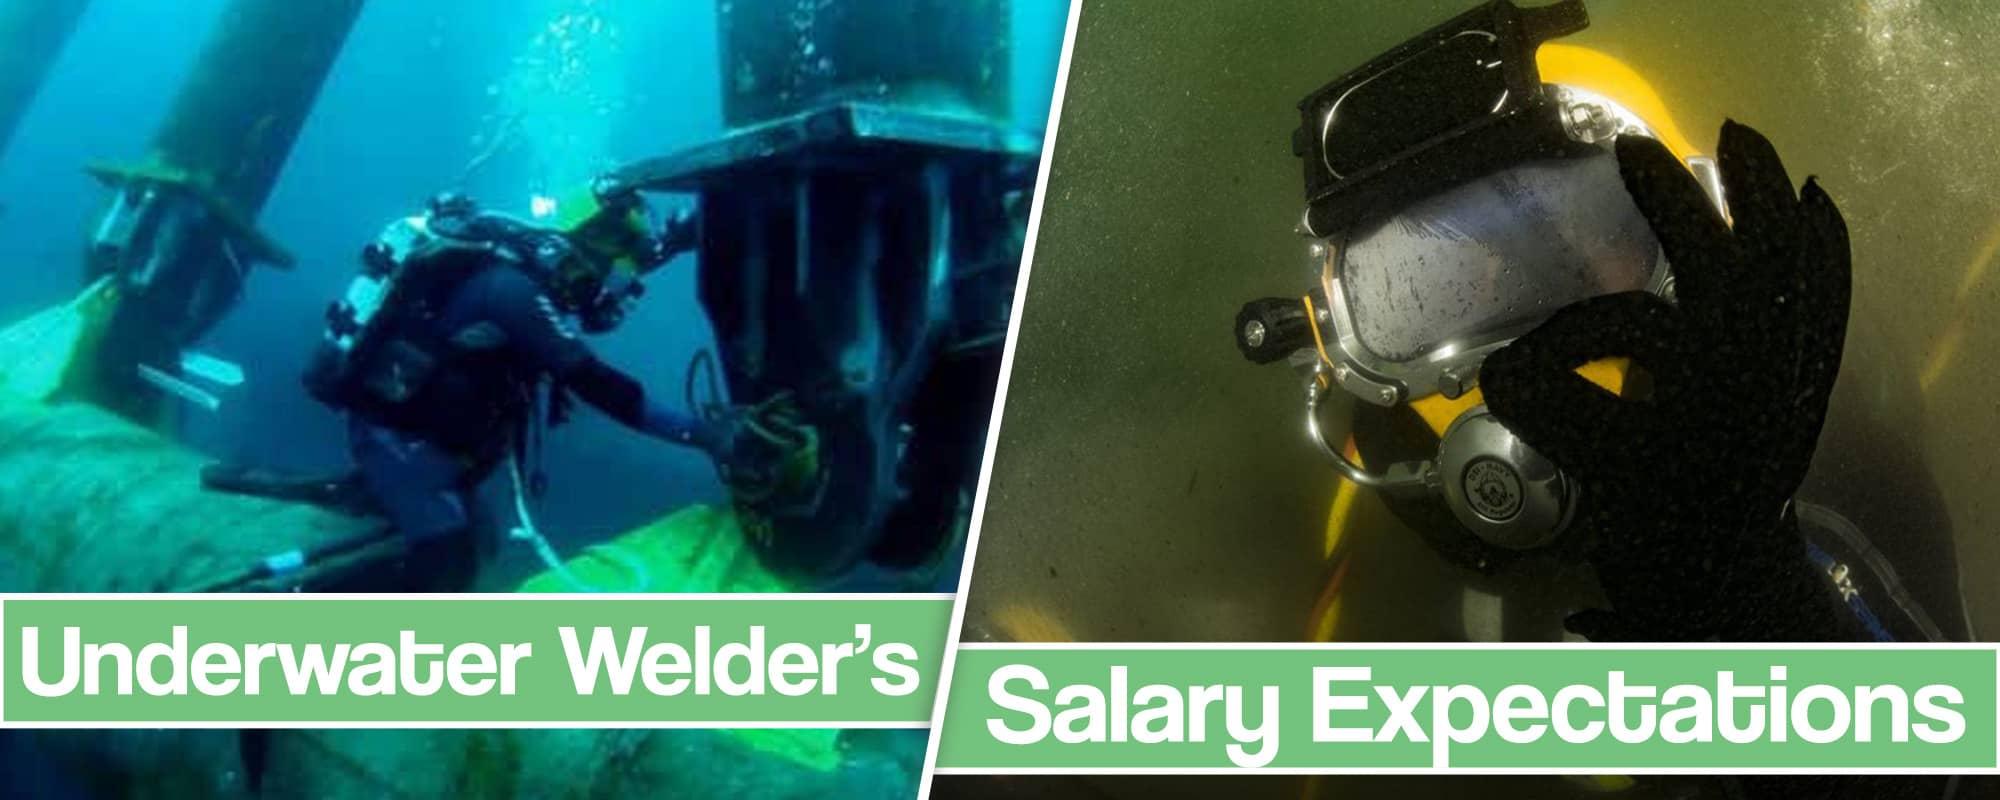 Image of a welder under water